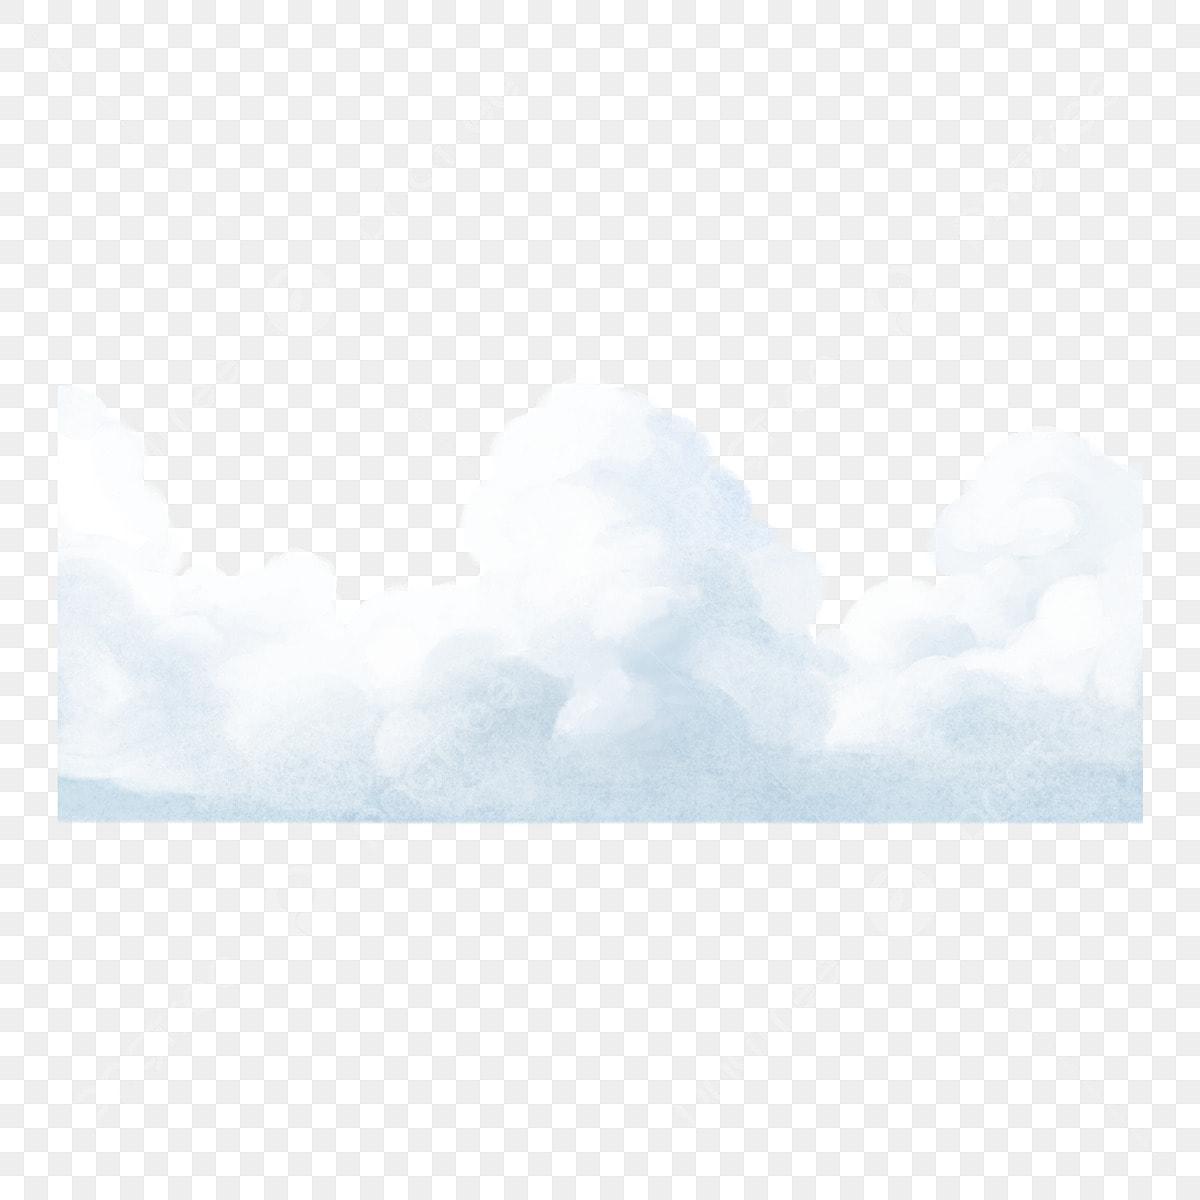 gambar awan awan putih terapung awan awan awan putih terapung png dan psd untuk muat turun percuma pngtree